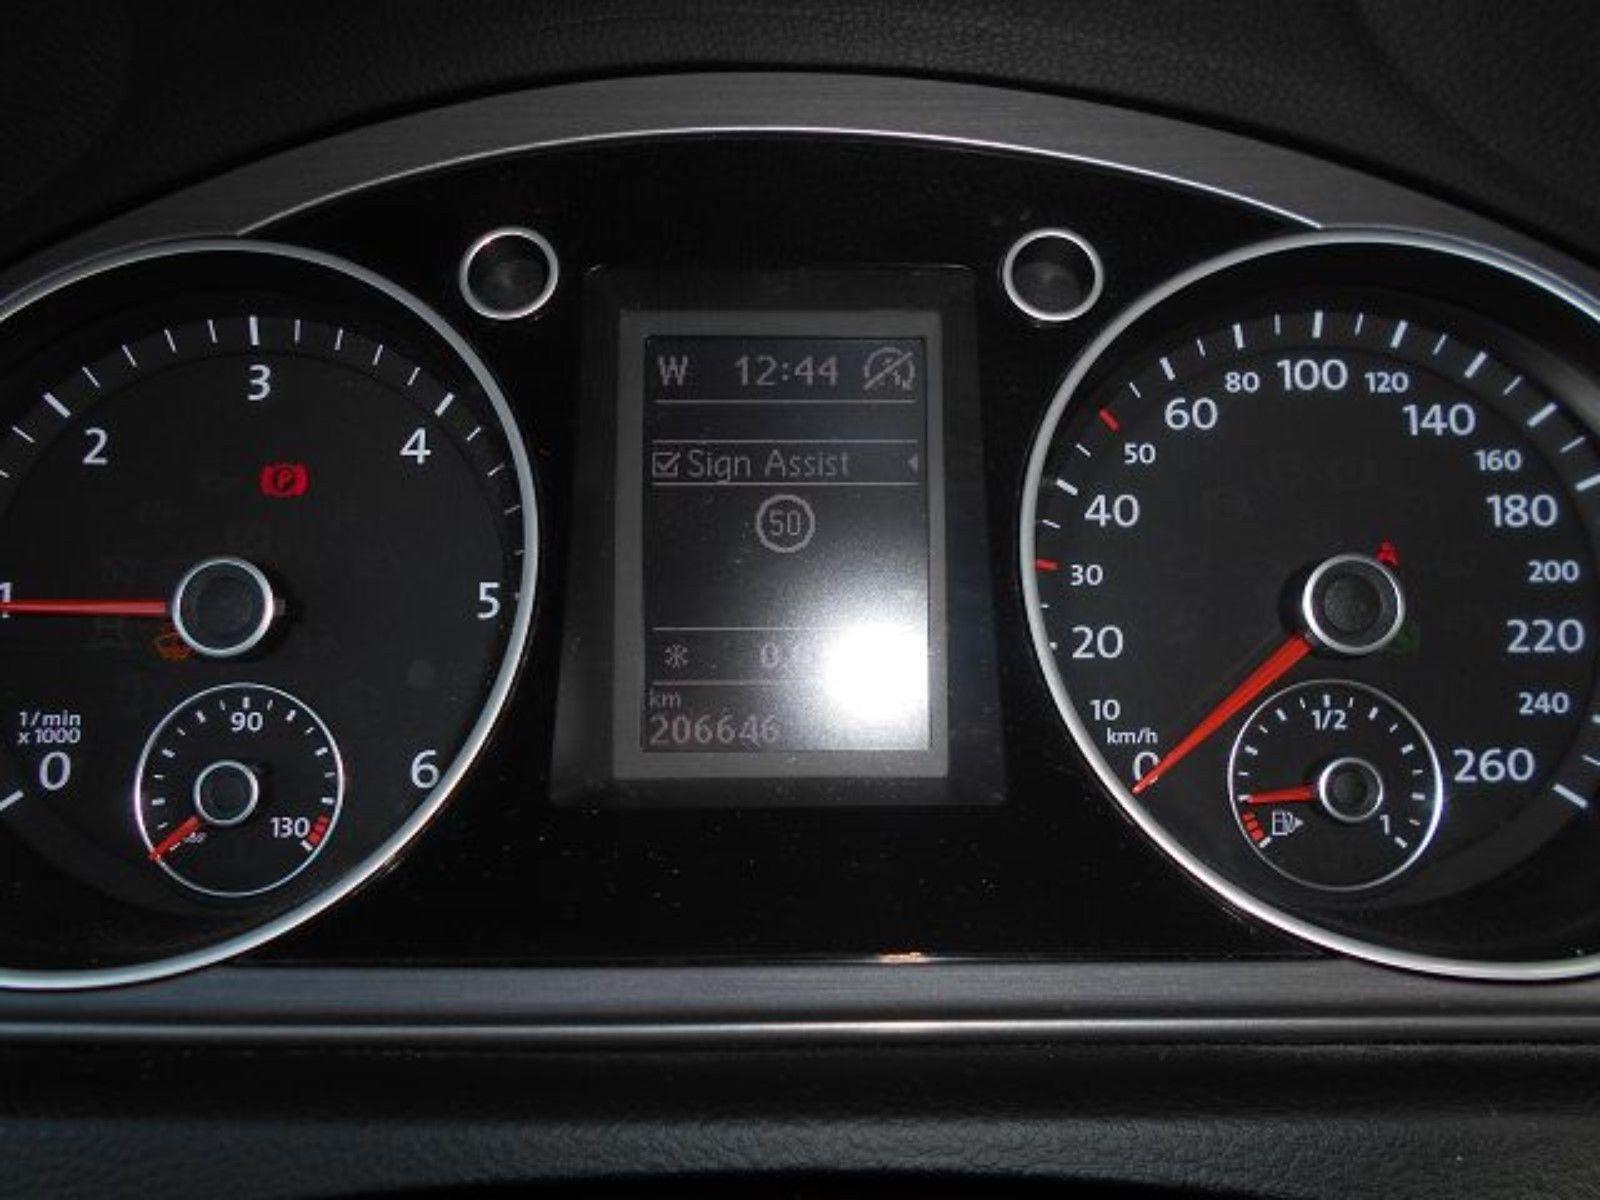 Покупка, внос на кола от Германия - VW Passat Variant 2014 Business Edition weiss 2.0 TDI 140PS DSG Navi (12)